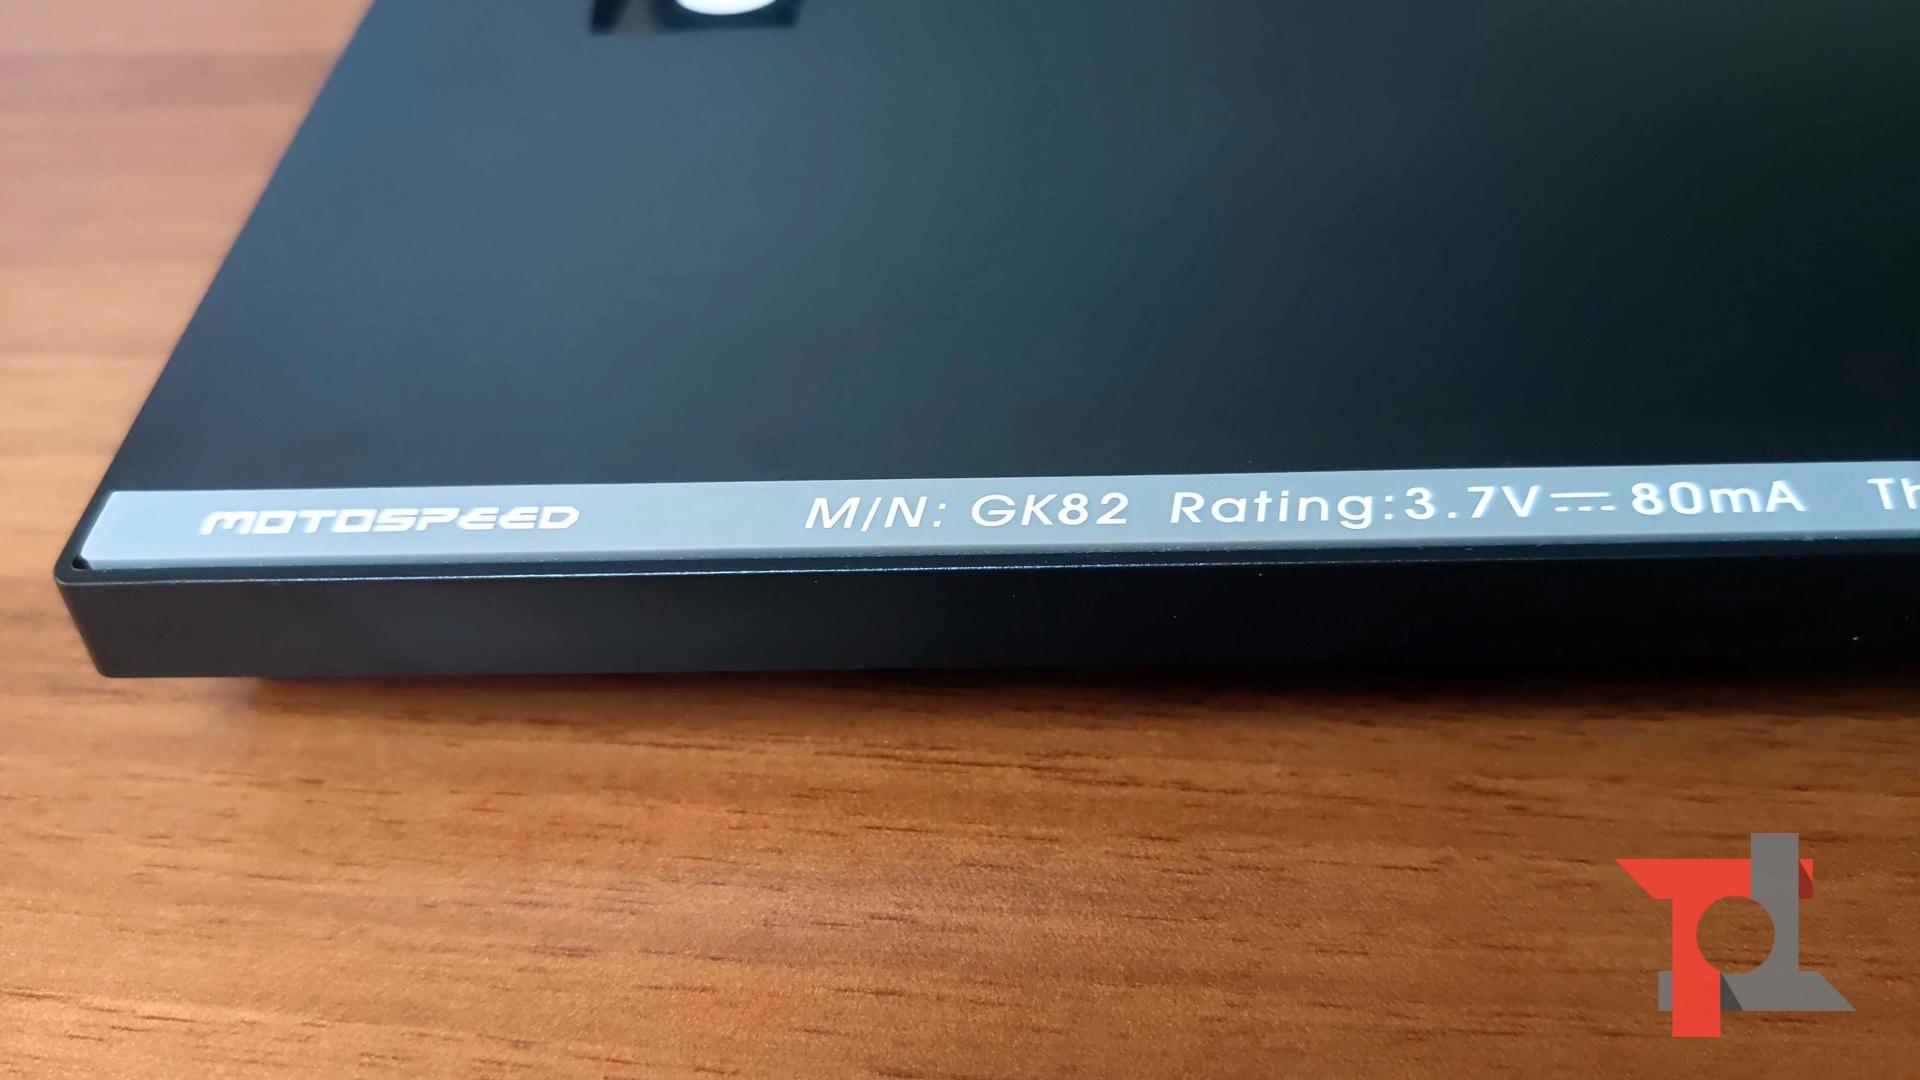 Recensione Motospeed GK82, tastiera meccanica wireless dai moltissimi pregi 9